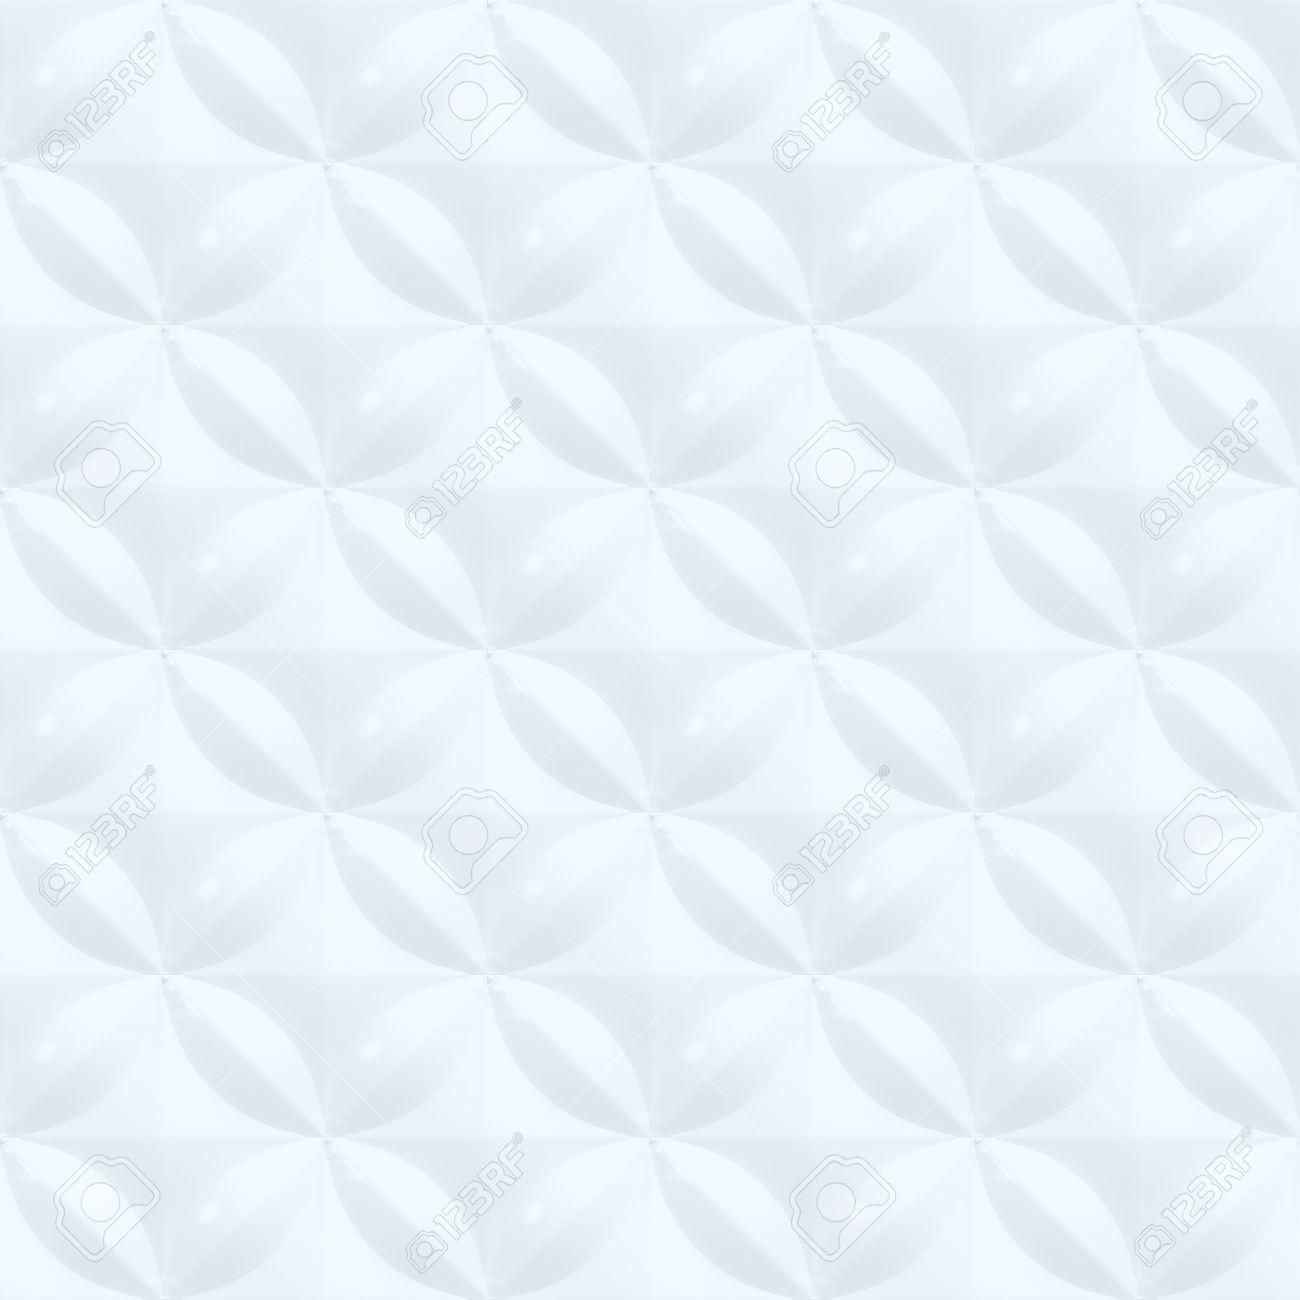 seamless mattress texture. Seamless Texture. Stock Photo - 14006240 Mattress Texture E